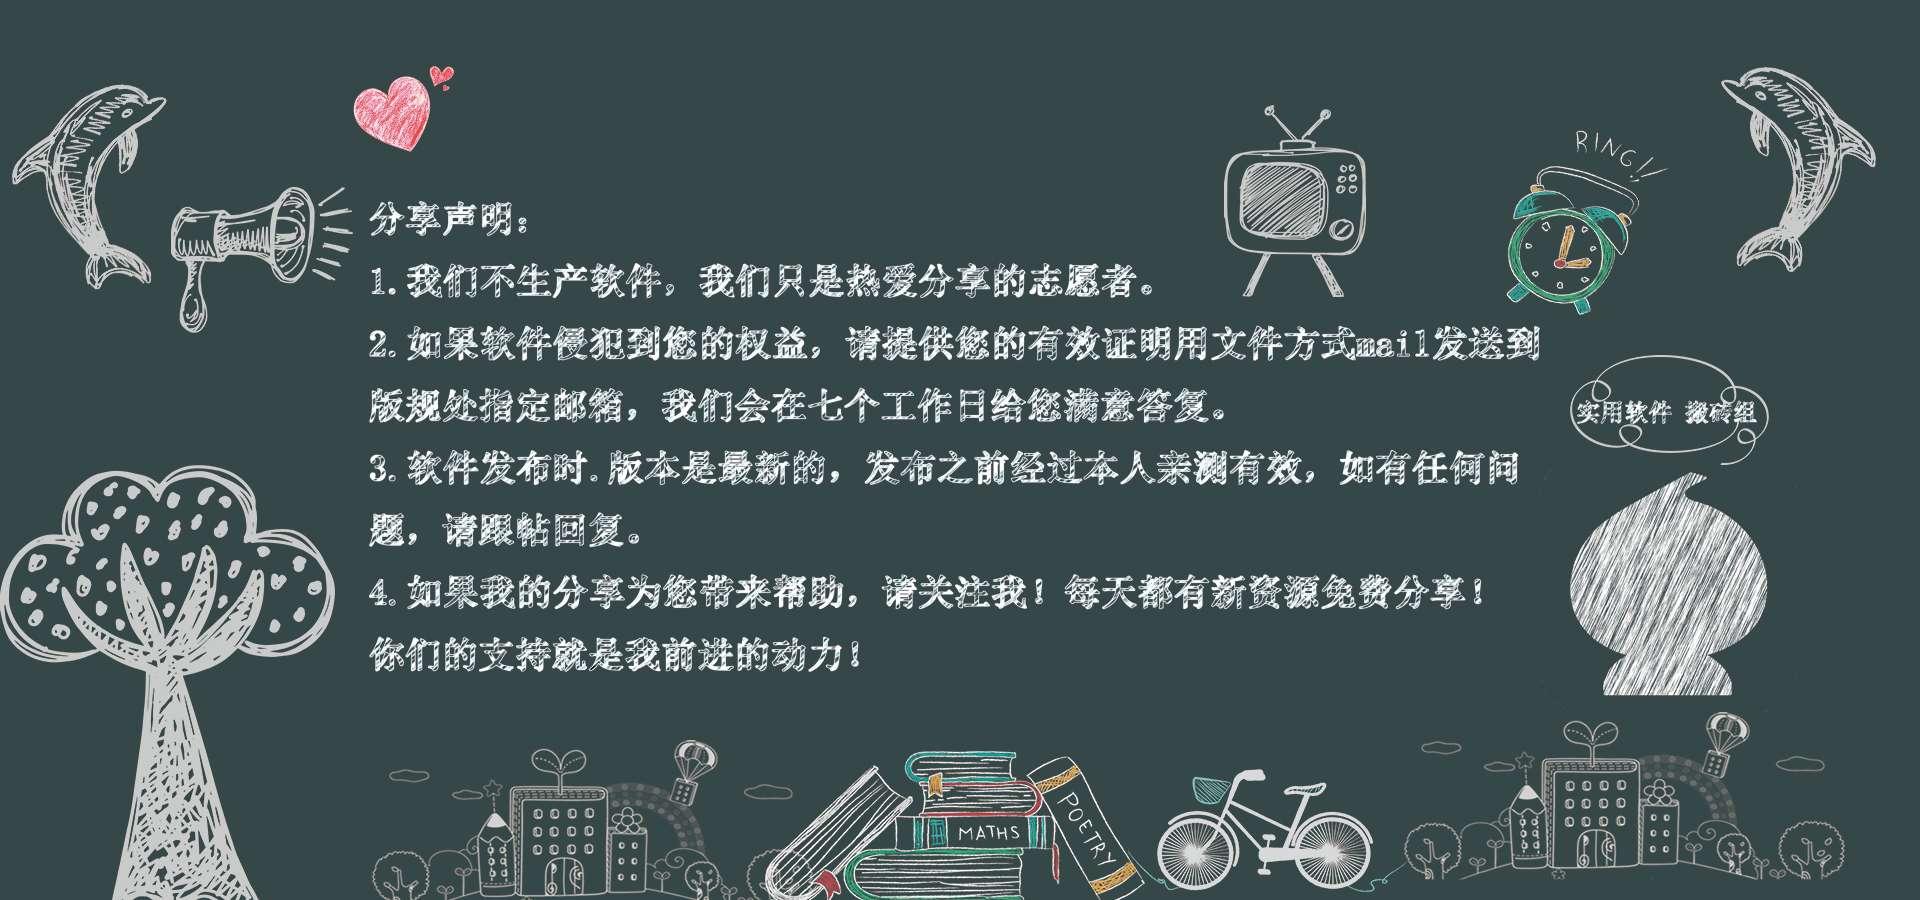 【资源分享】飒漫画 v2.2.7 修改版-爱小助